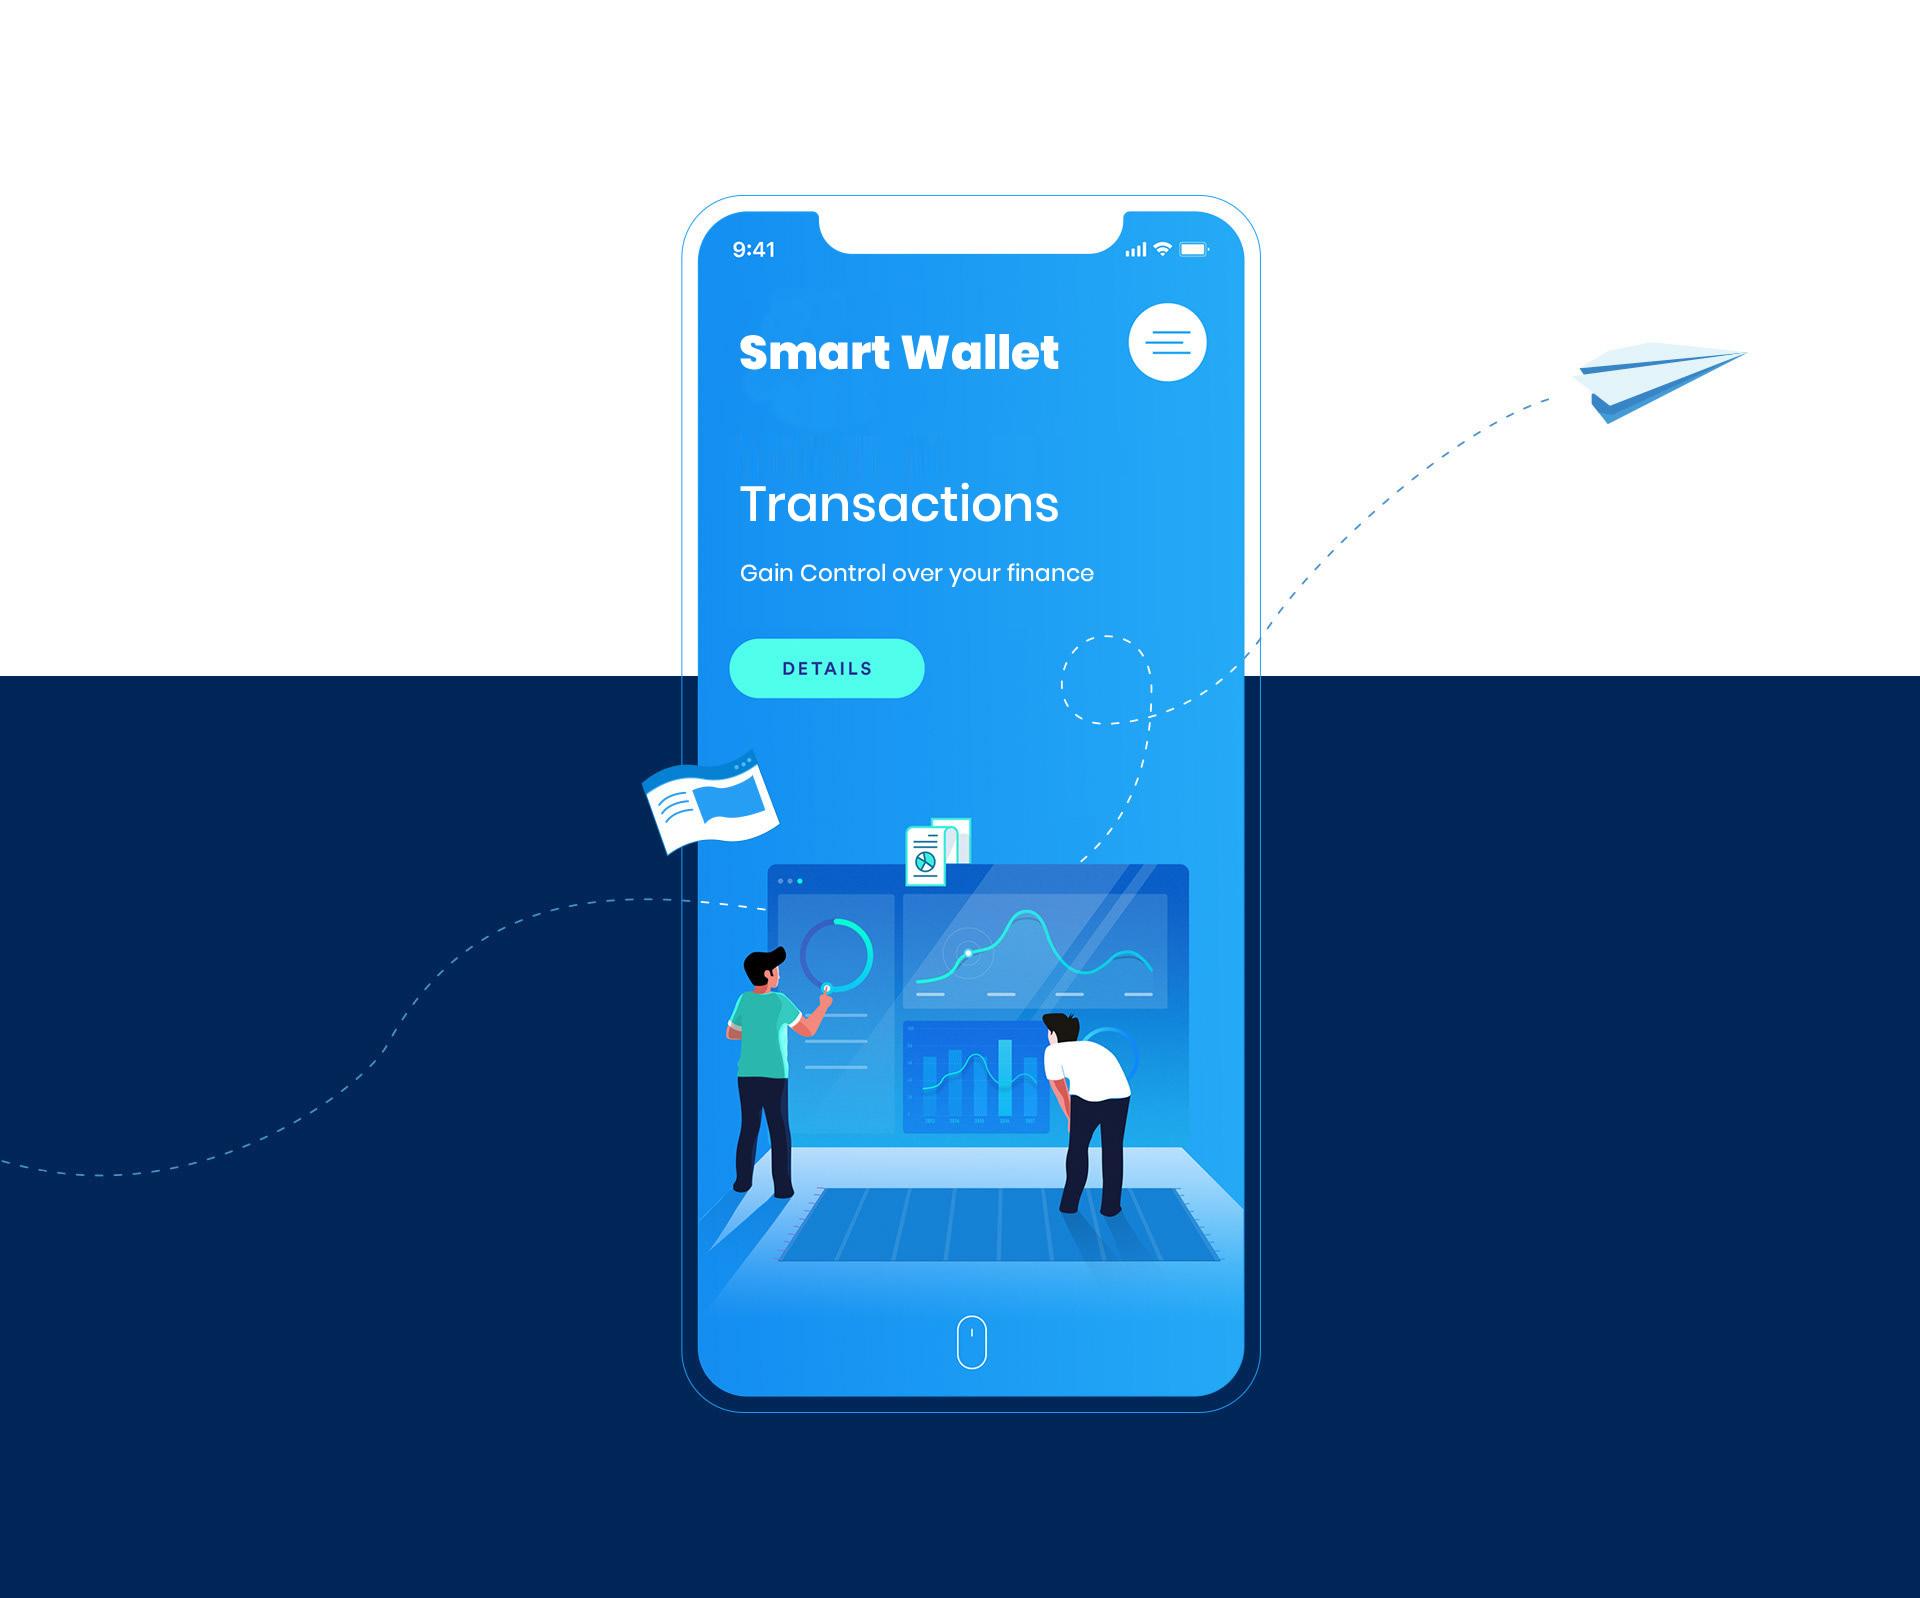 smart wallet app